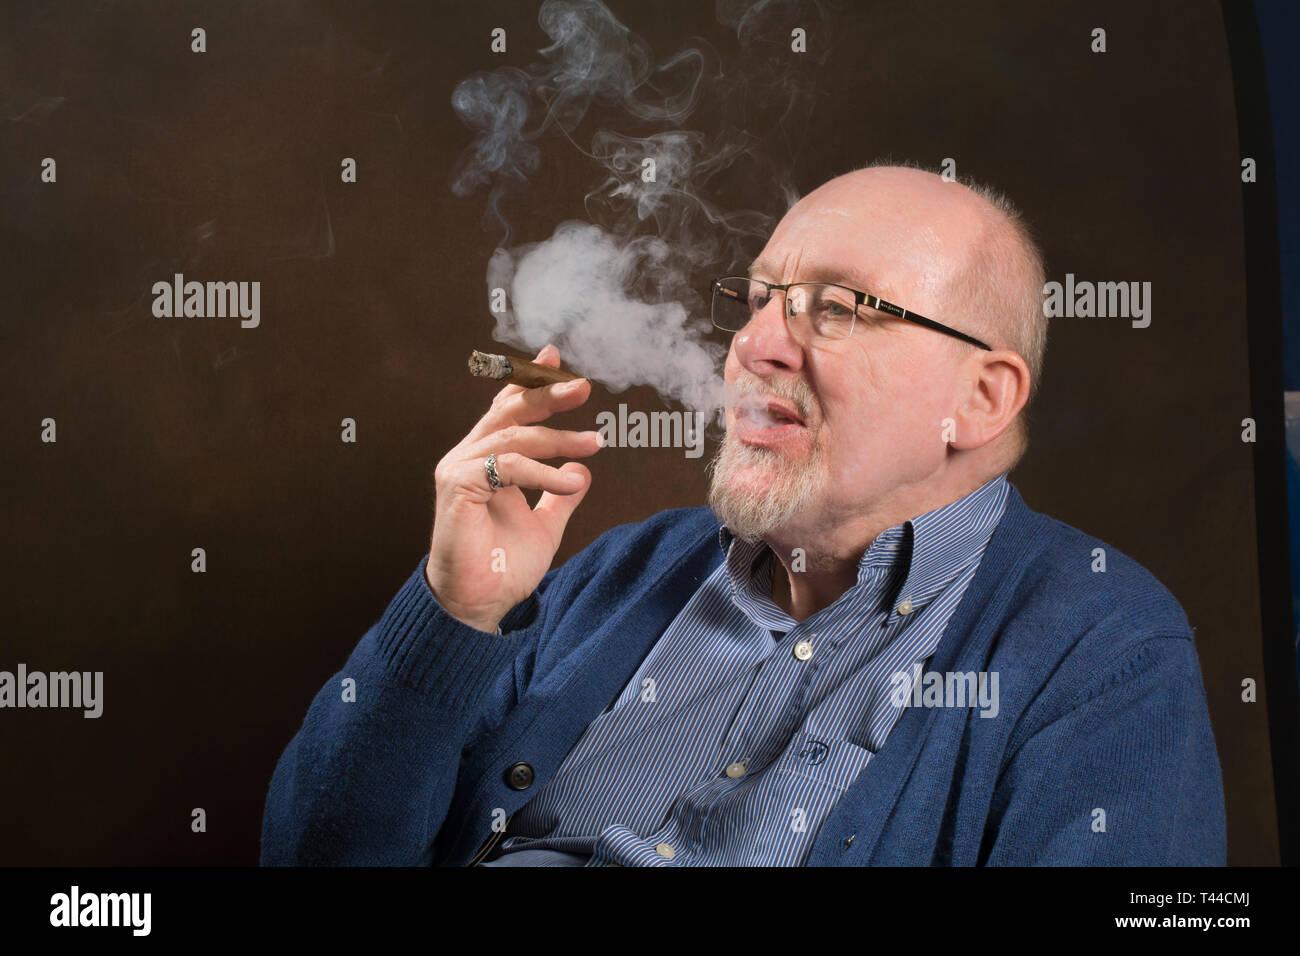 Un hombre de edad avanzada disfrutando de fumar un buen puro Foto de stock